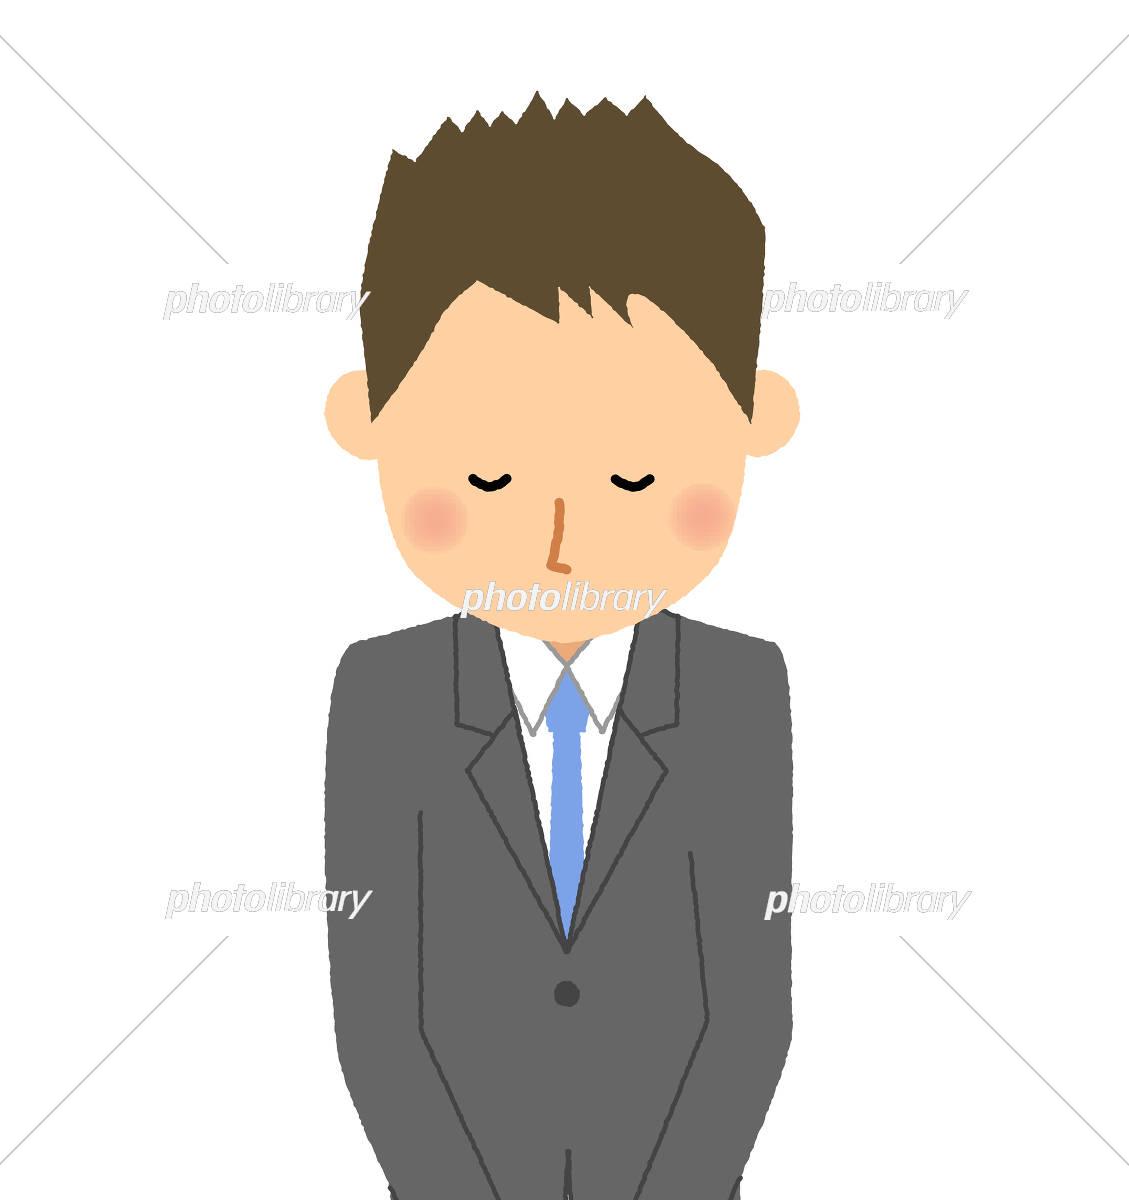 ビジネスマン おじぎ イラスト素材 [ 5240149 ] - フォトライブラリー